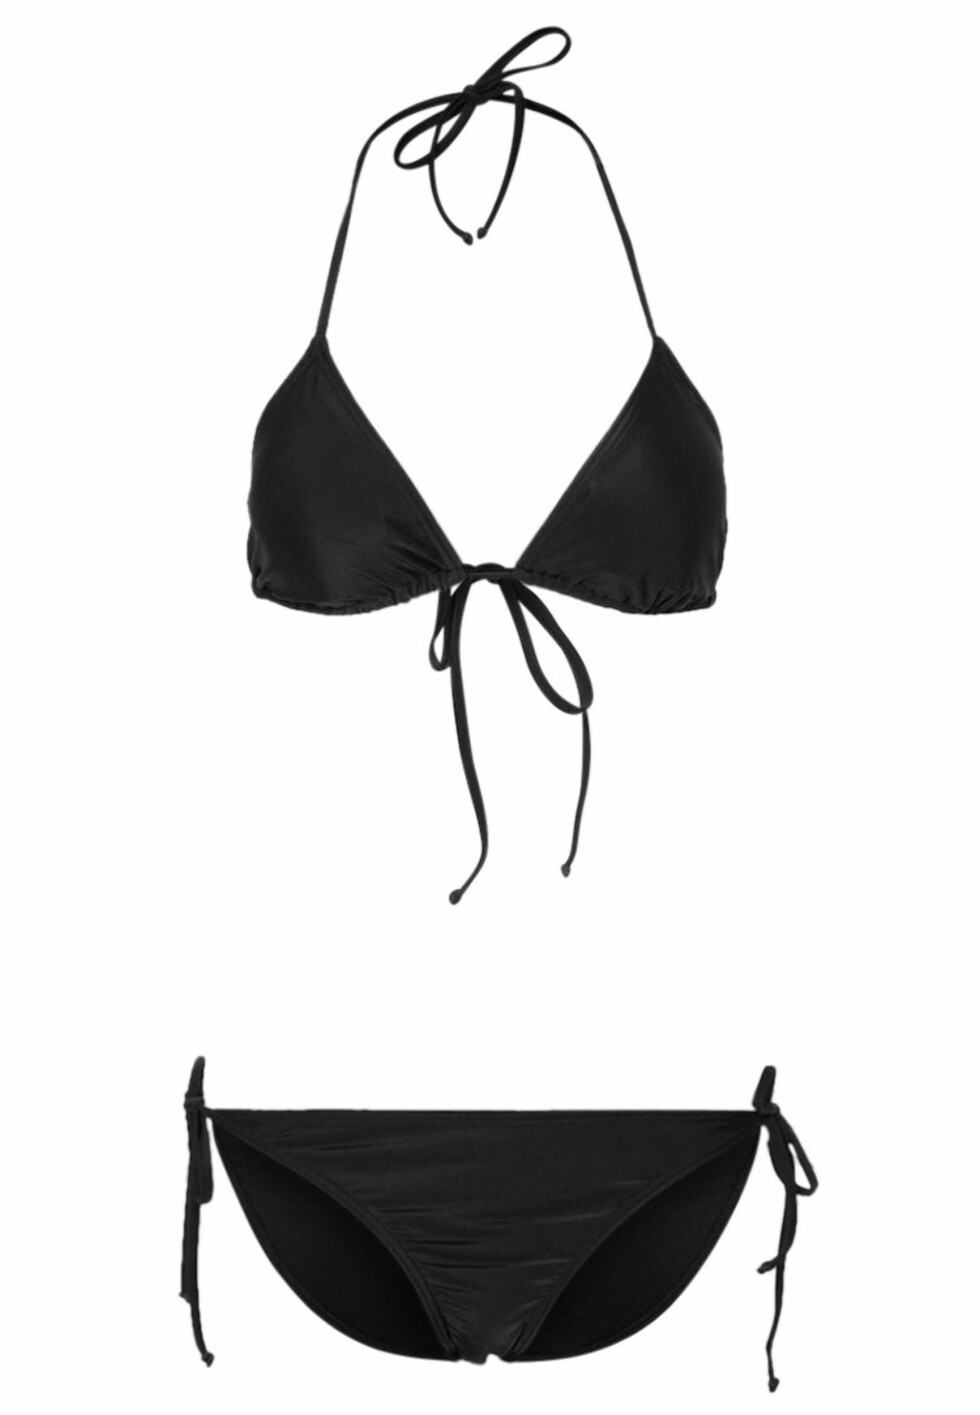 Bikini fra Twintip via Zalando.no, kr 199. Foto: Zalando.no